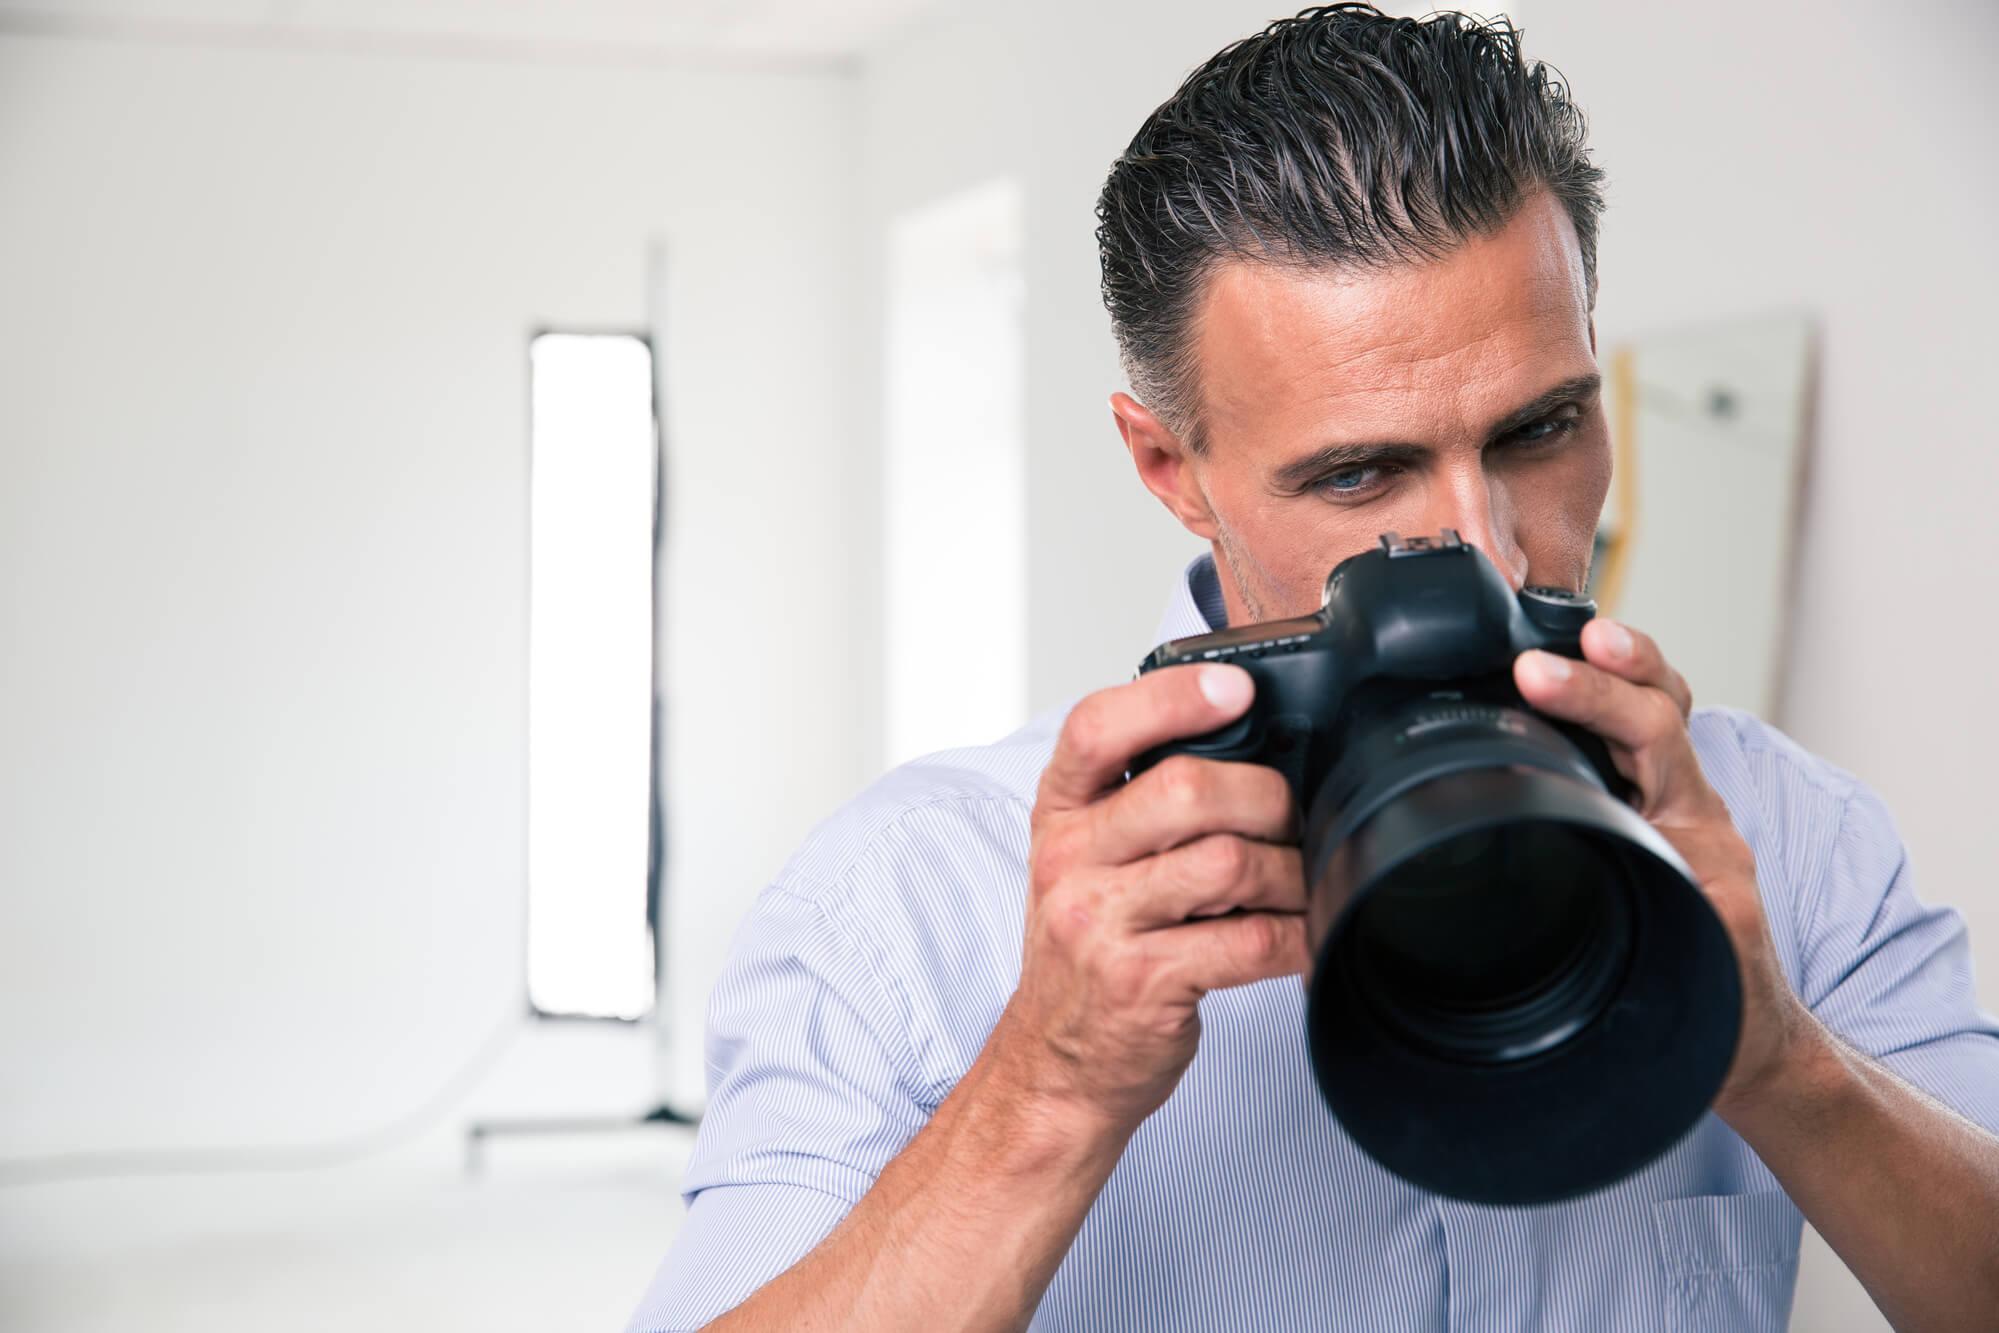 Fotojornalismo e recursos visuais: o poder da imagem nos meios digitais